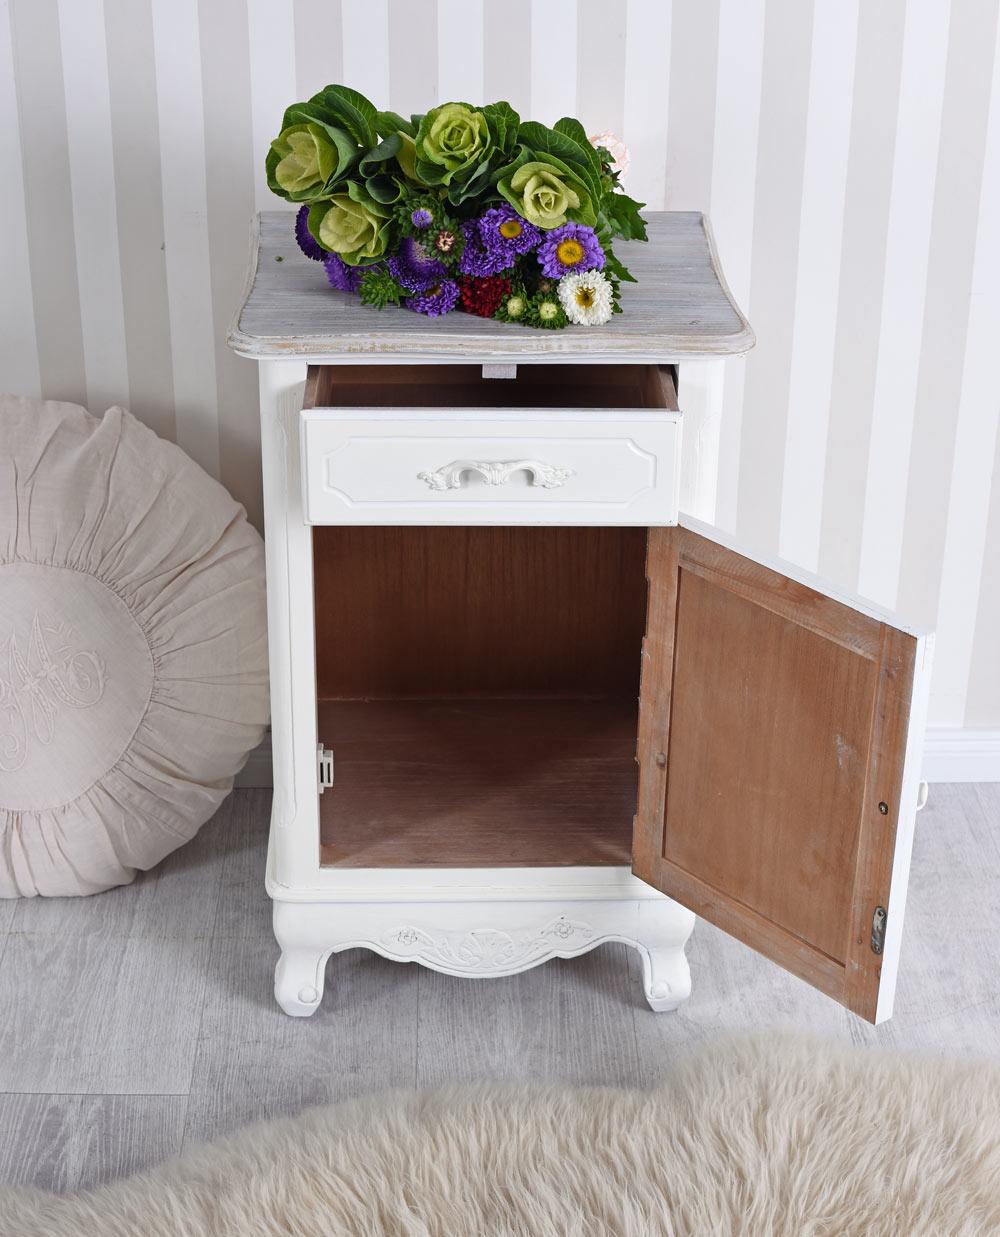 nachtschrank shabby chic nachttisch schrank weiss nachtkommode nachtkonsole neu ebay. Black Bedroom Furniture Sets. Home Design Ideas